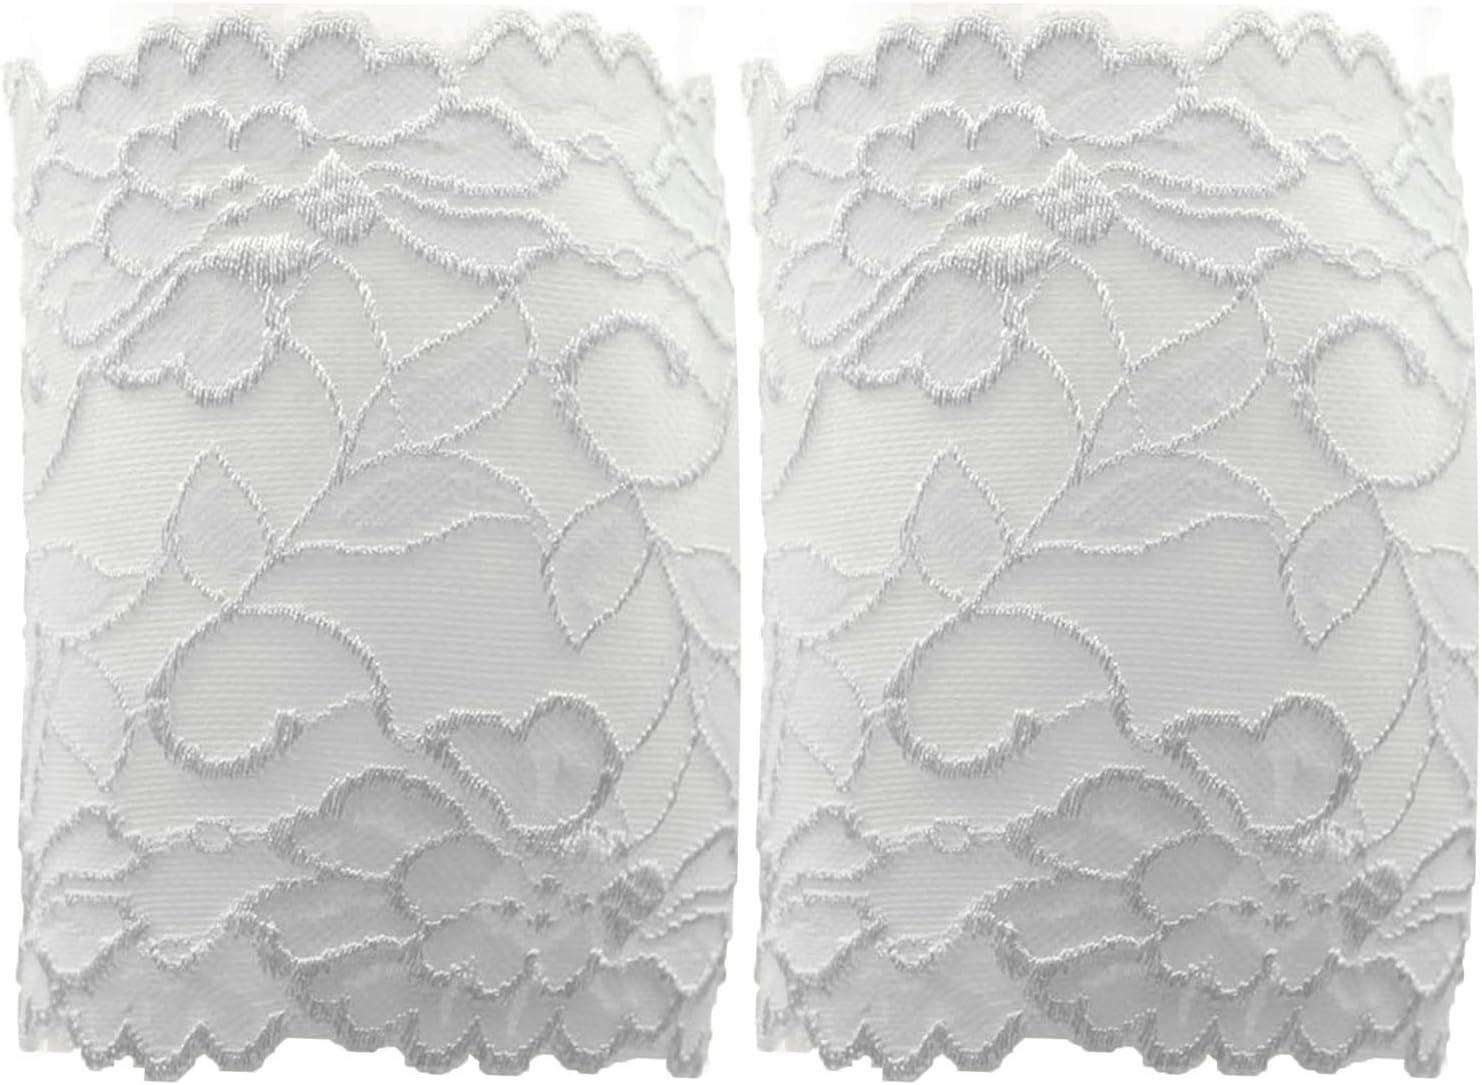 Bianco, Nero, Menta Verde Beetest 3 Paio Donna Floreale Pizzo Autunno Inverno Scaldamuscoli Avvio Polsini Calzini Calzettoni